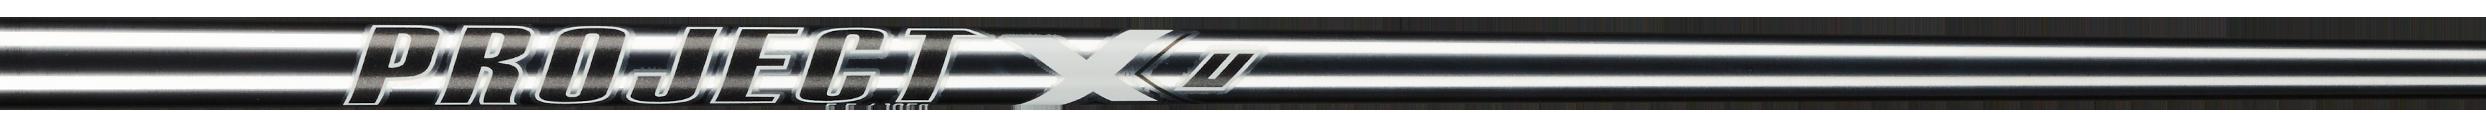 True Temper ProjectX U - Steel shaft